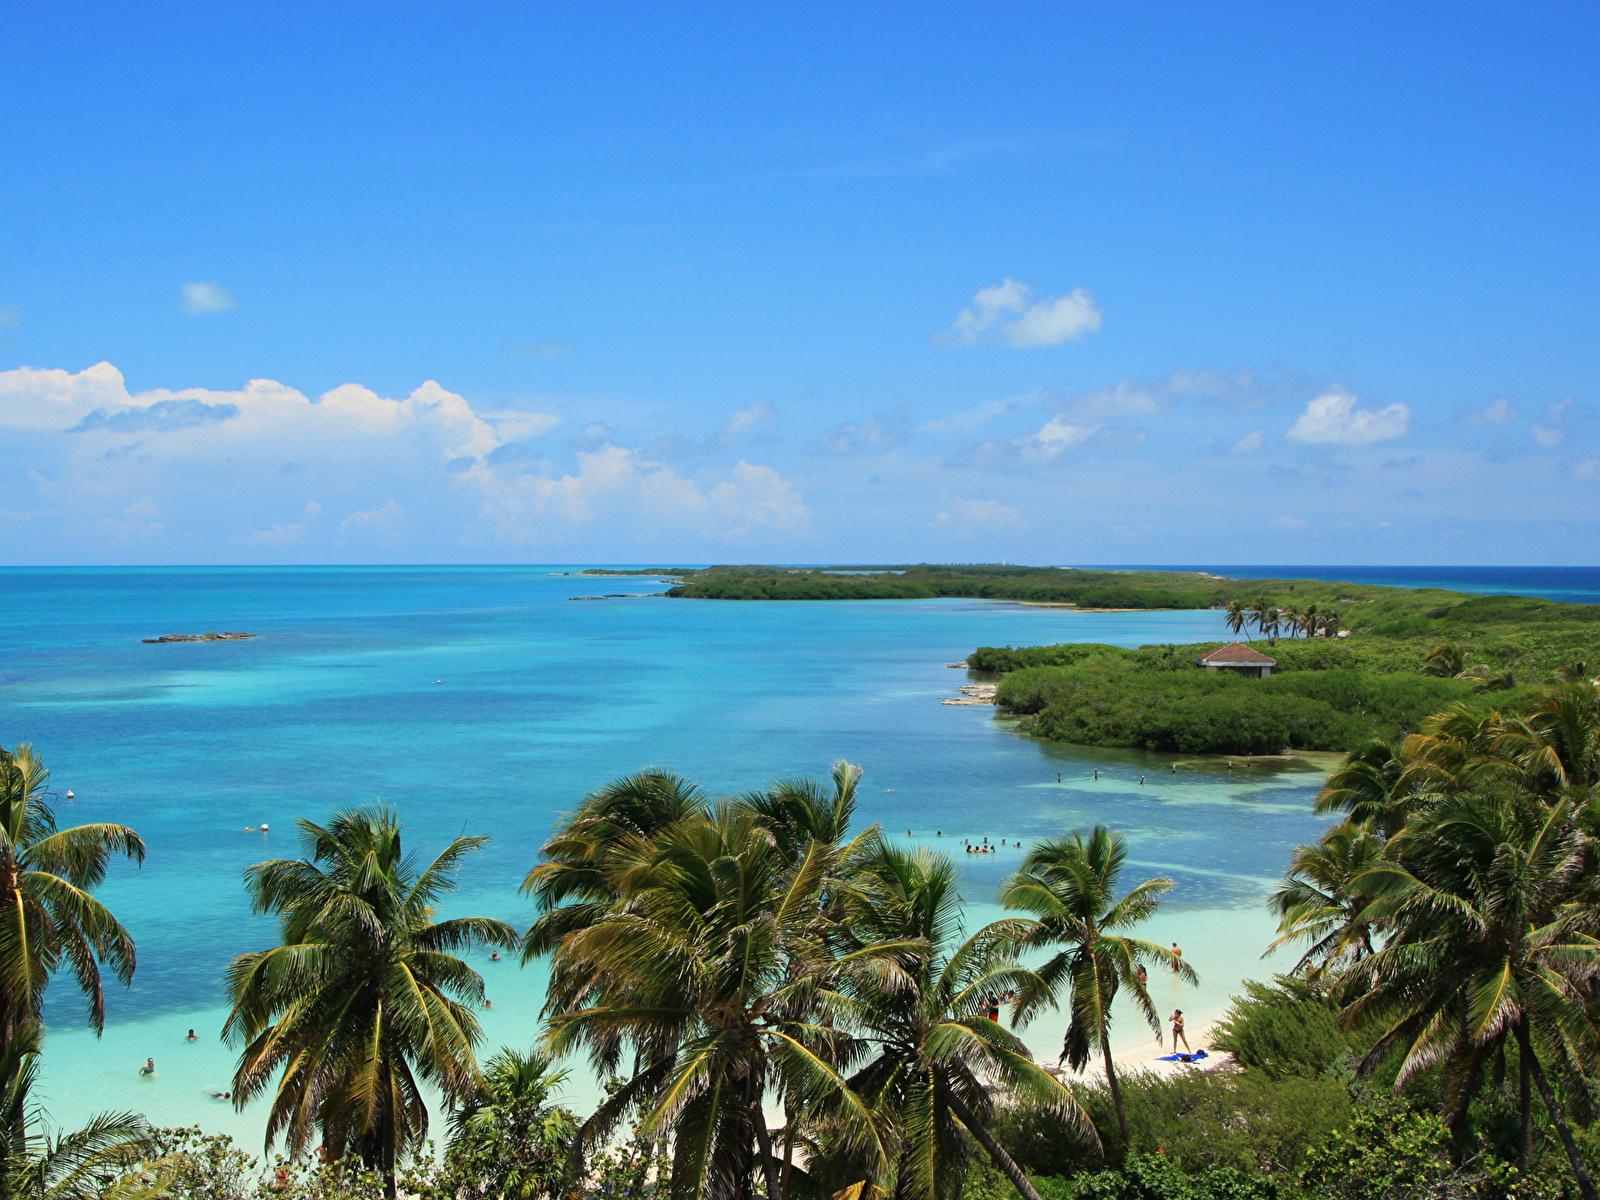 Обои Мексика Cancun Море Природа Пальмы берег 1600x1200 пальм пальма Побережье